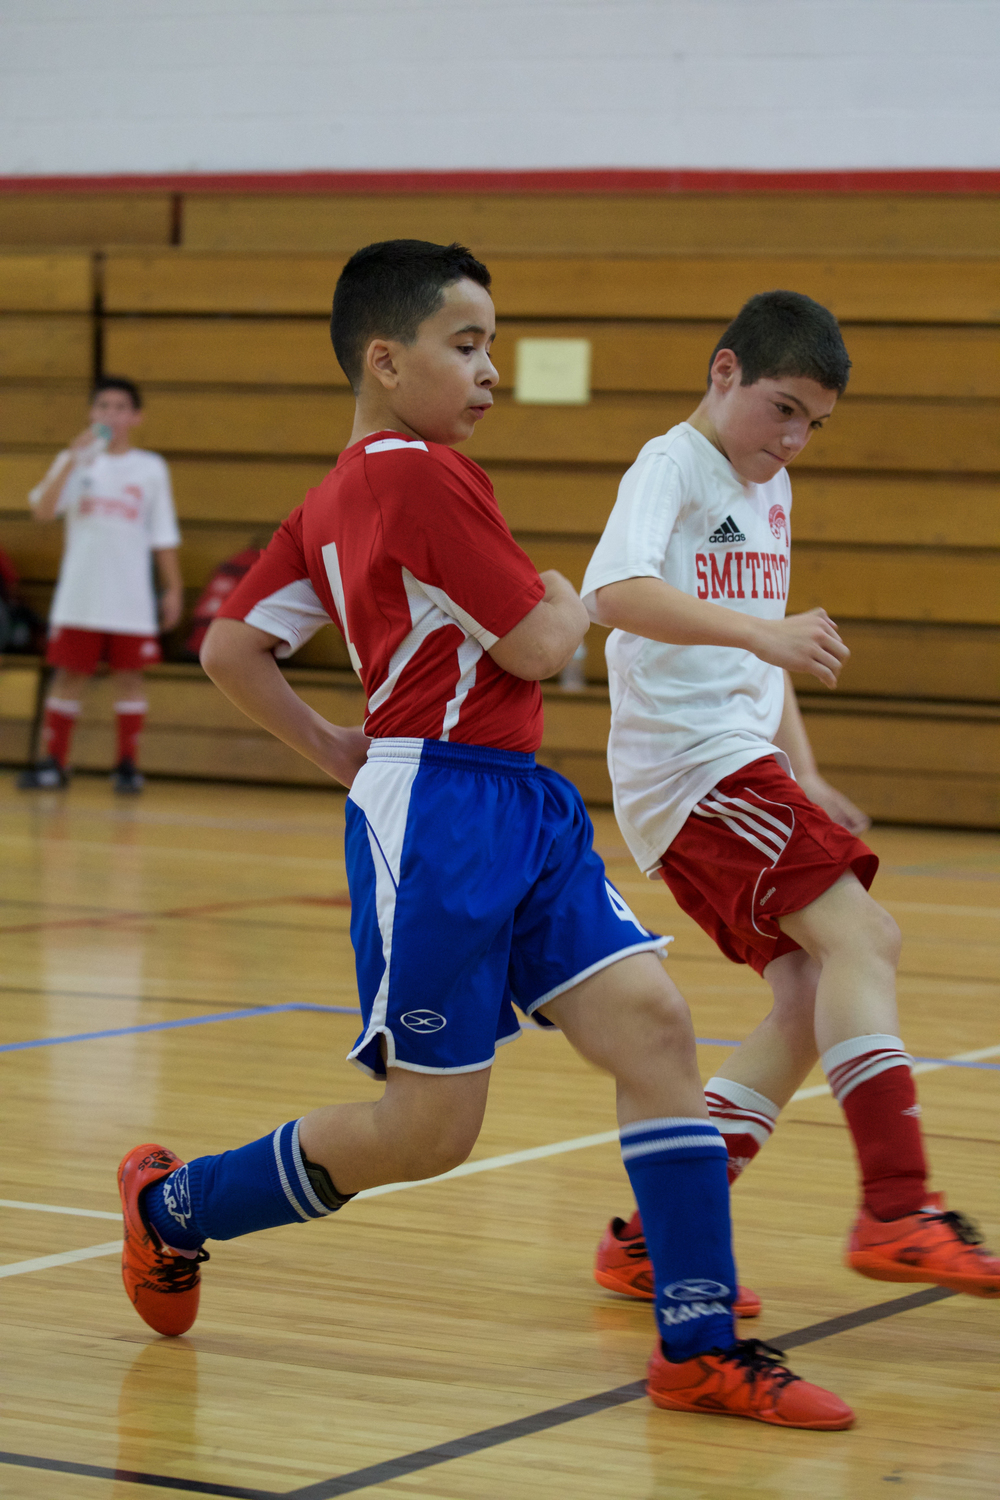 soccer 2 (24 of 31).jpg